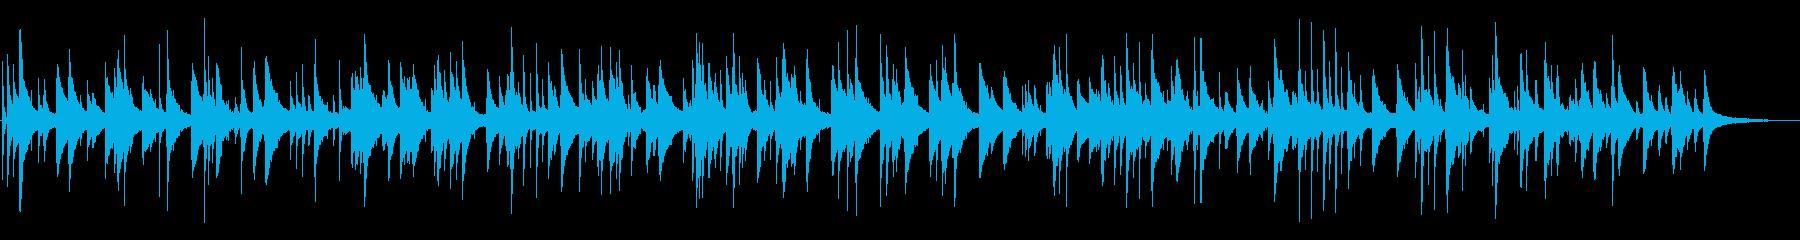 切ないジャズおしゃれピアノYouTubeの再生済みの波形